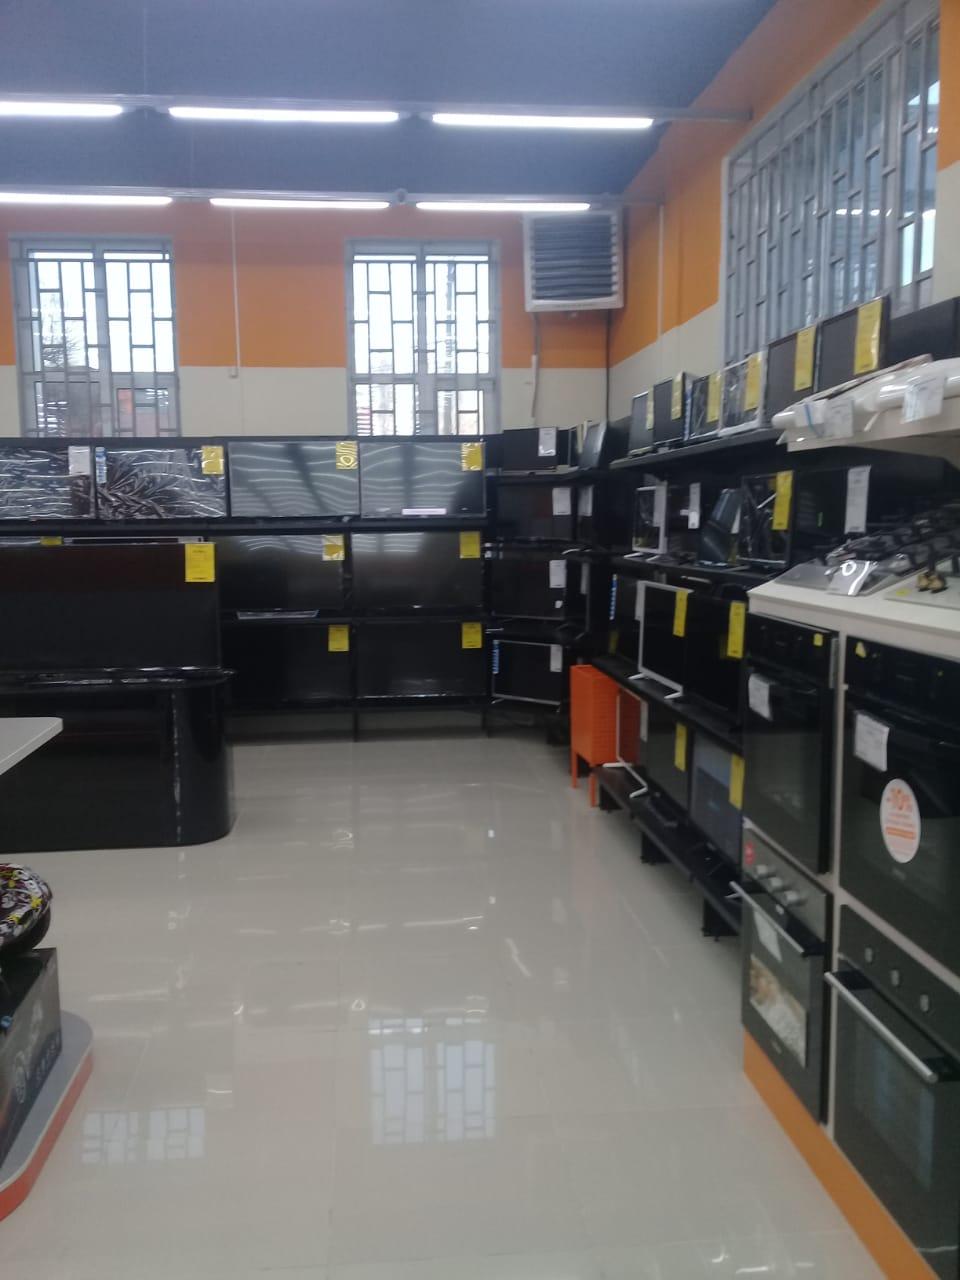 Пример использования Volcano VR2 в магазине бытовой техники. Купить в Москве Cimbt.ru